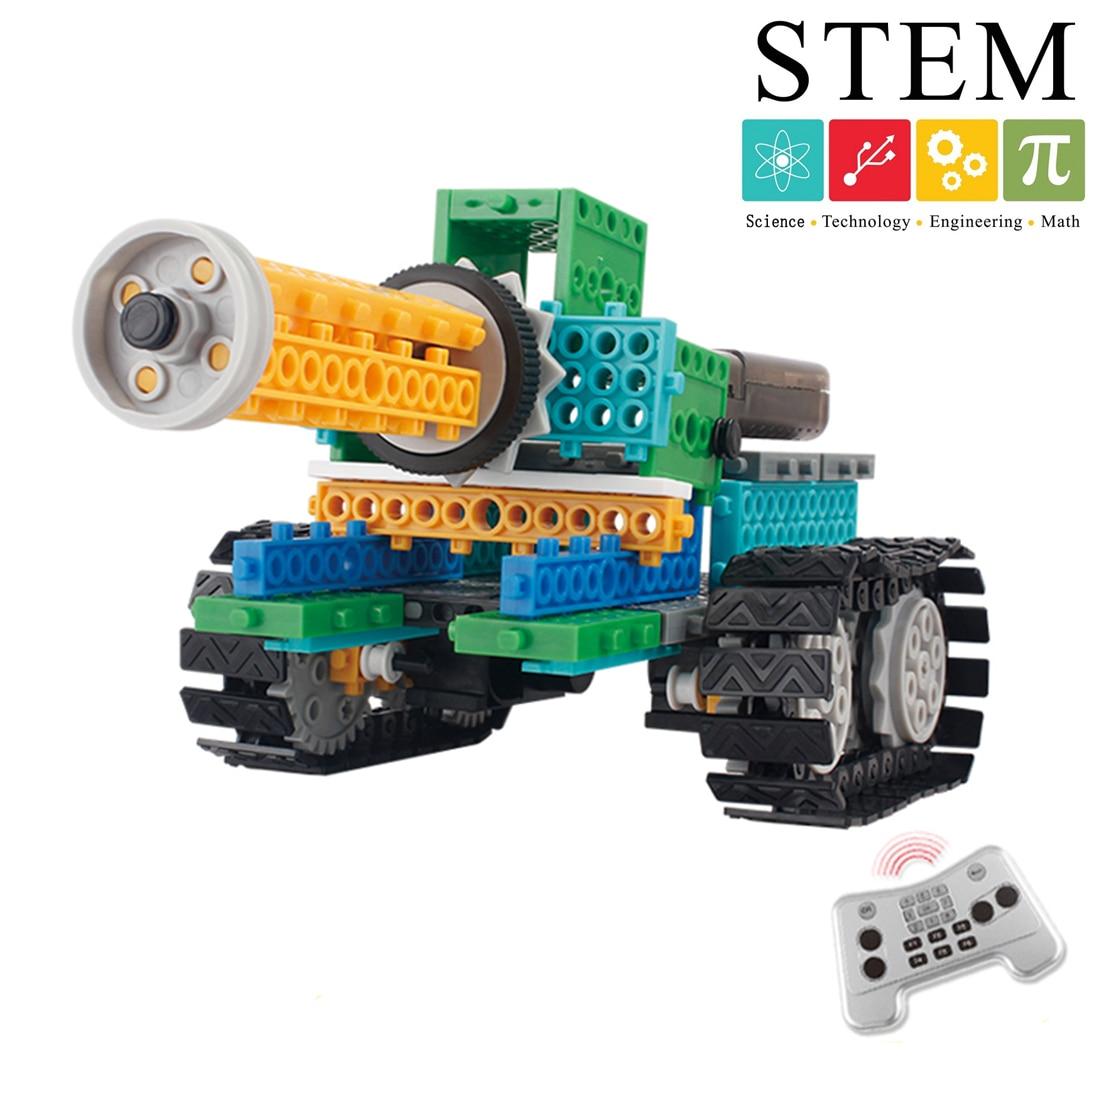 237 pièces 4-en-1 4CH bricolage modifiable RC réservoir Robot assemblage vapeur modèle bloc de construction Creative Science apprentissage jouet éducatif